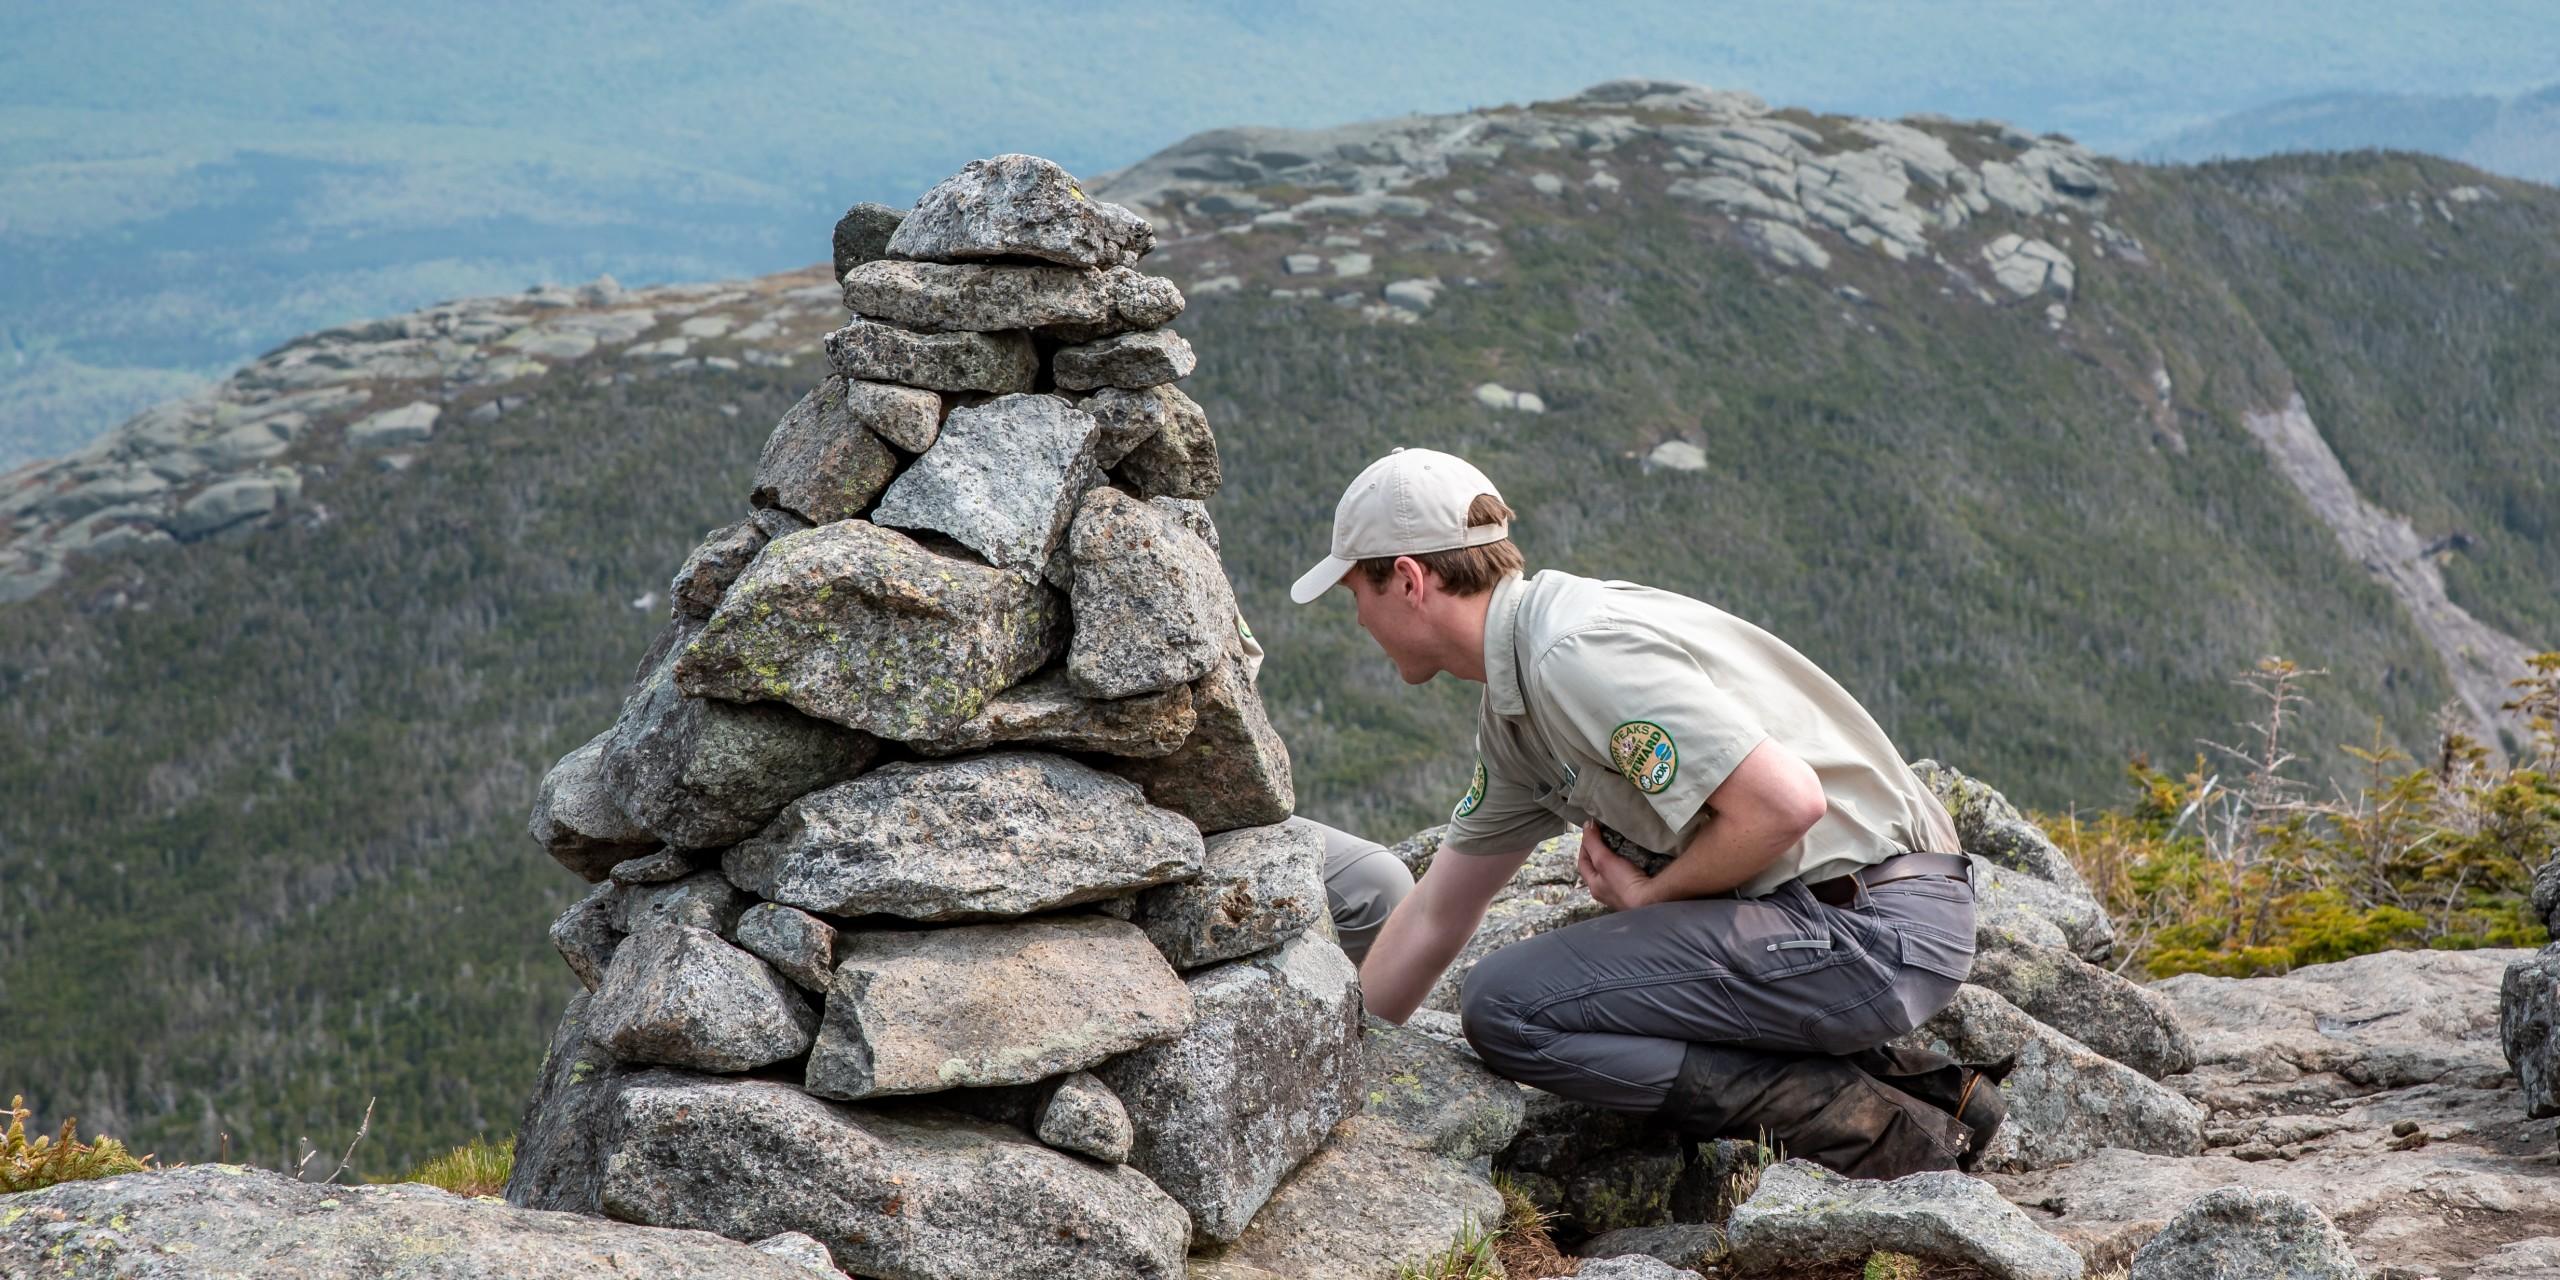 A man builds a rock cairn